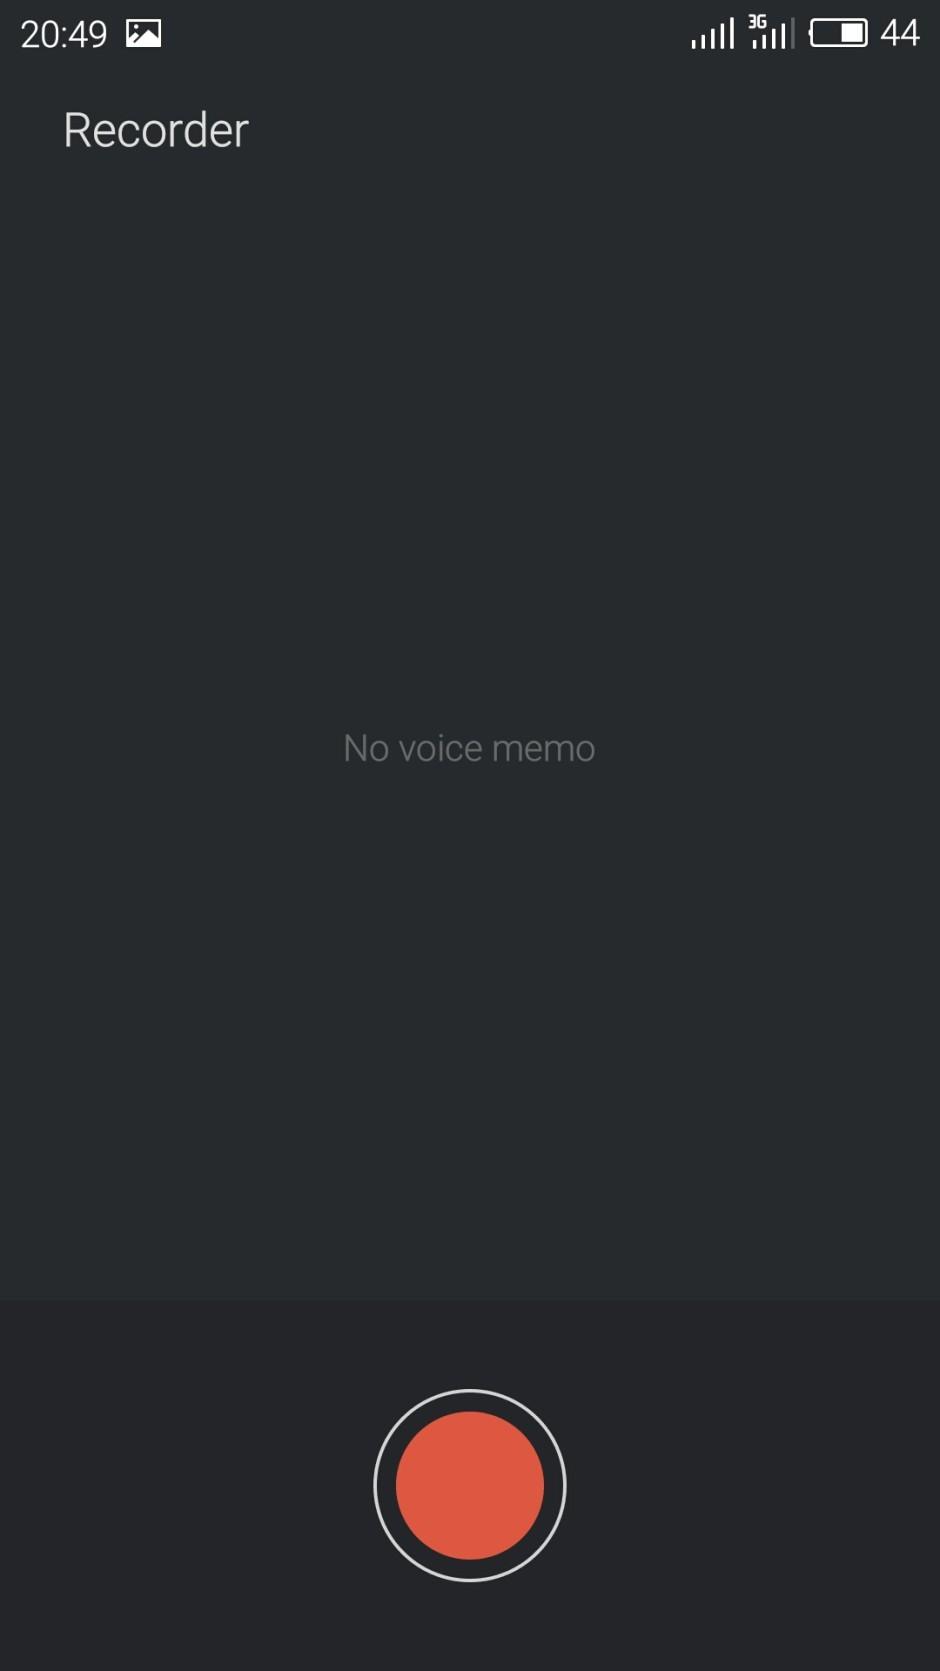 flyme-OS-5.0.0.1A (31)